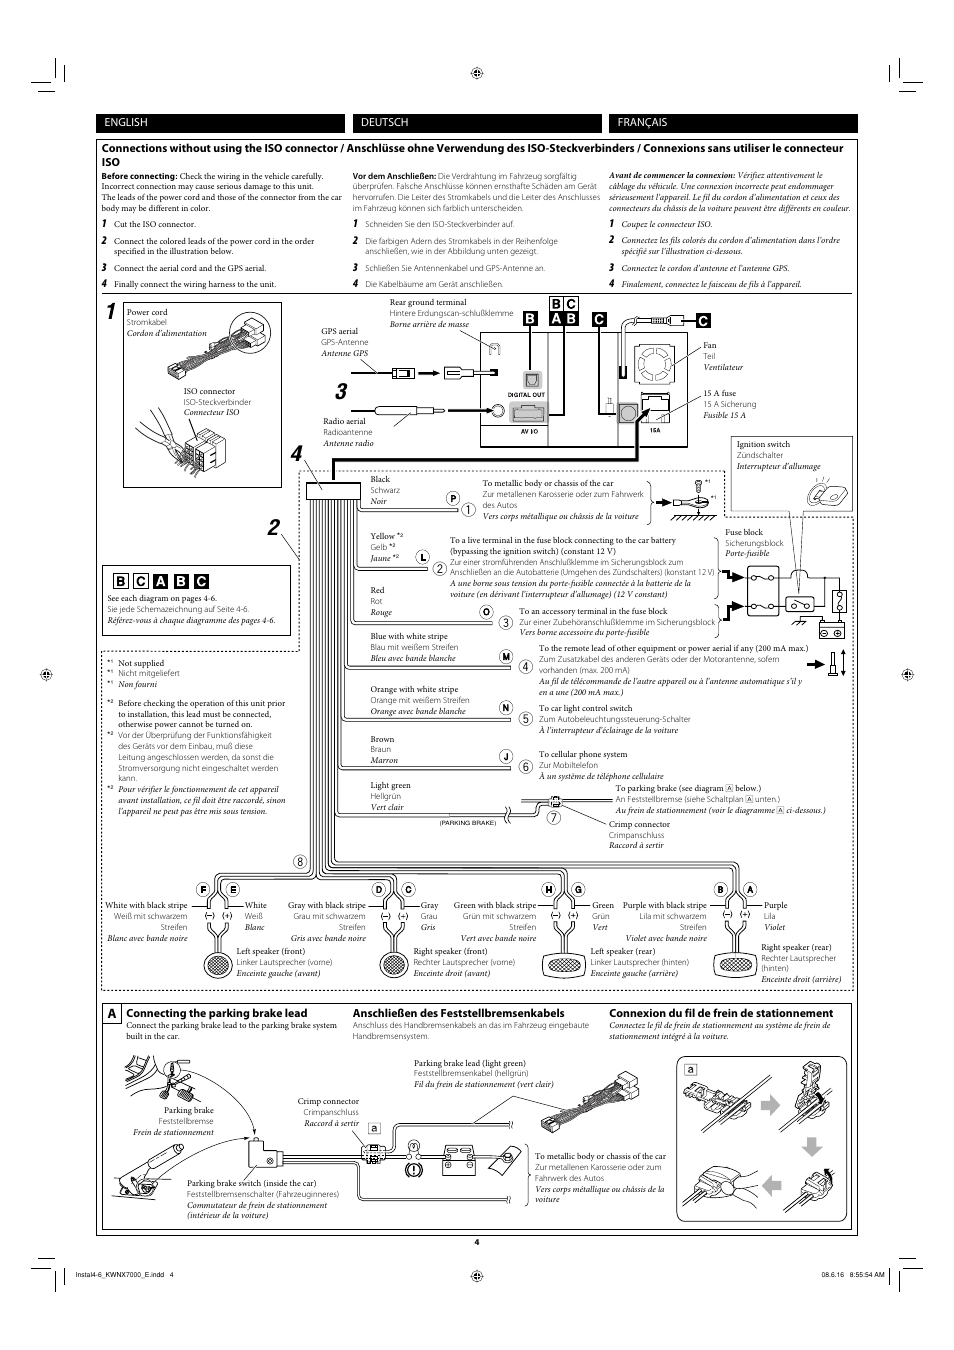 Großartig 4 Draht Anschlussdiagramm Ideen - Schaltplan Serie Circuit ...